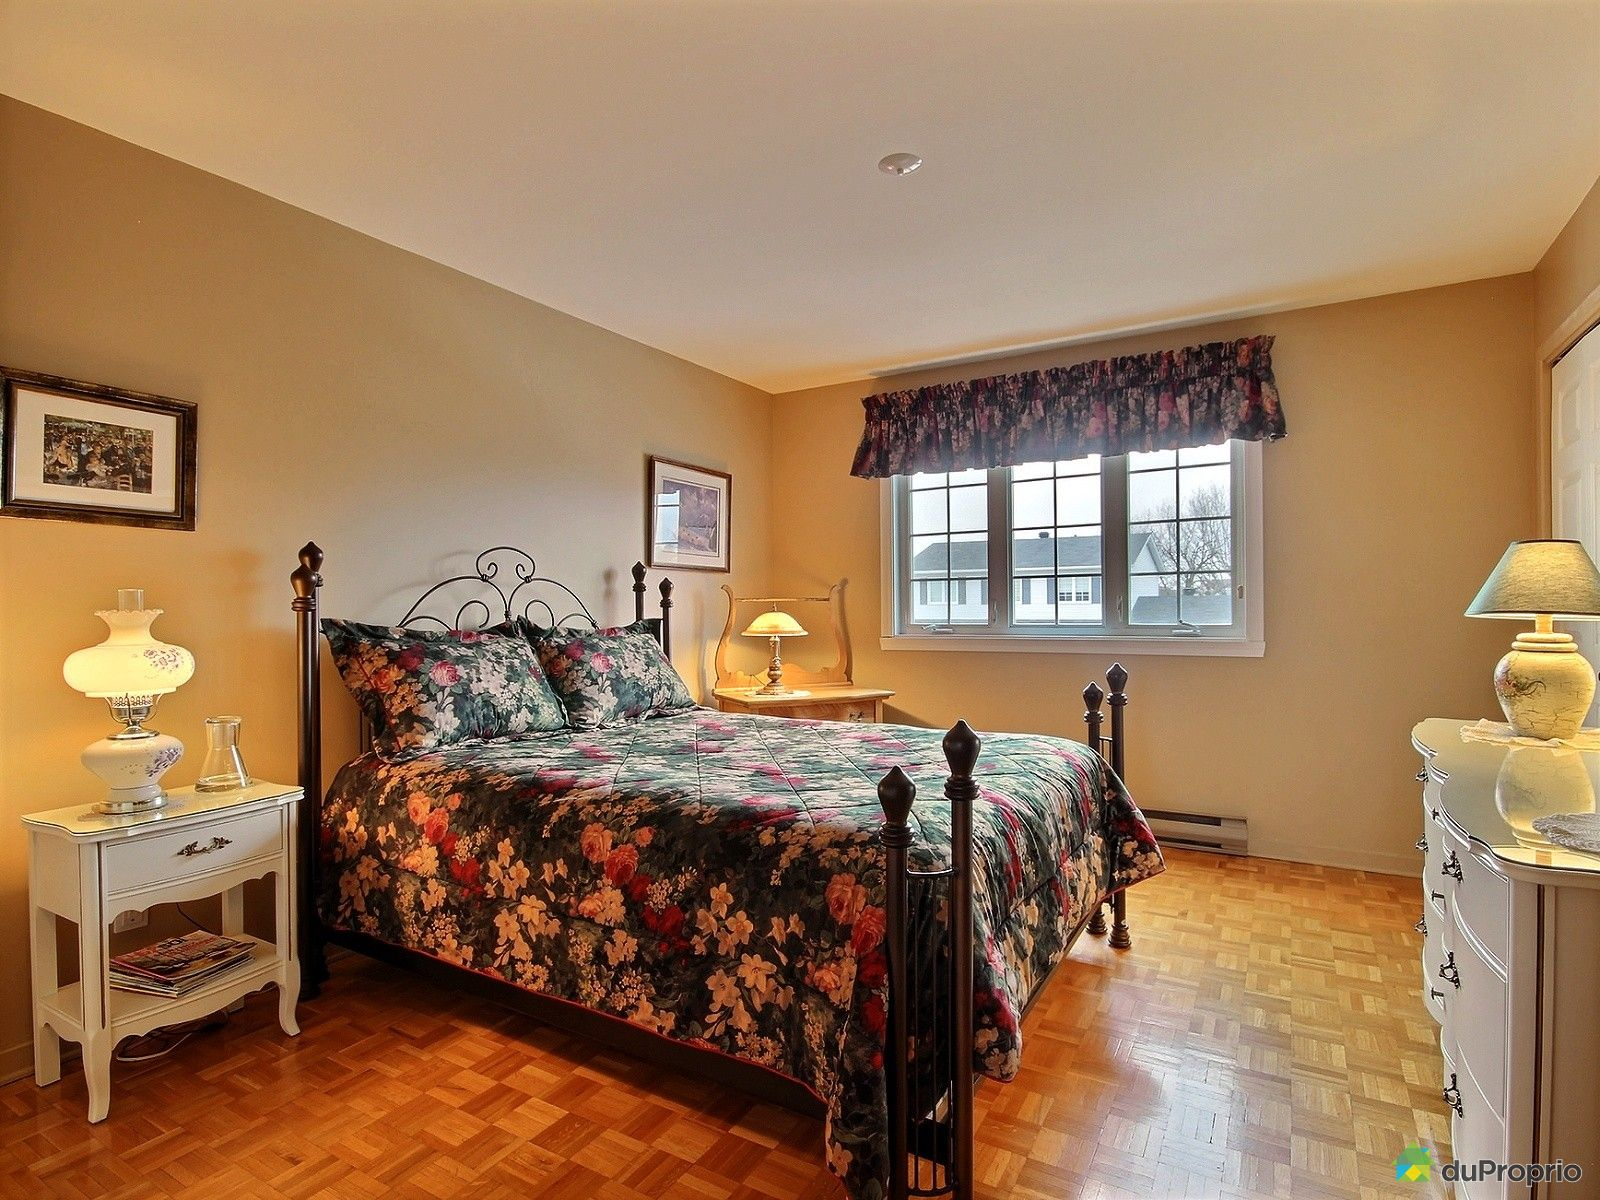 Maison vendre beloeil 1140 rue des pinsons immobilier for Chambre de commerce beloeil